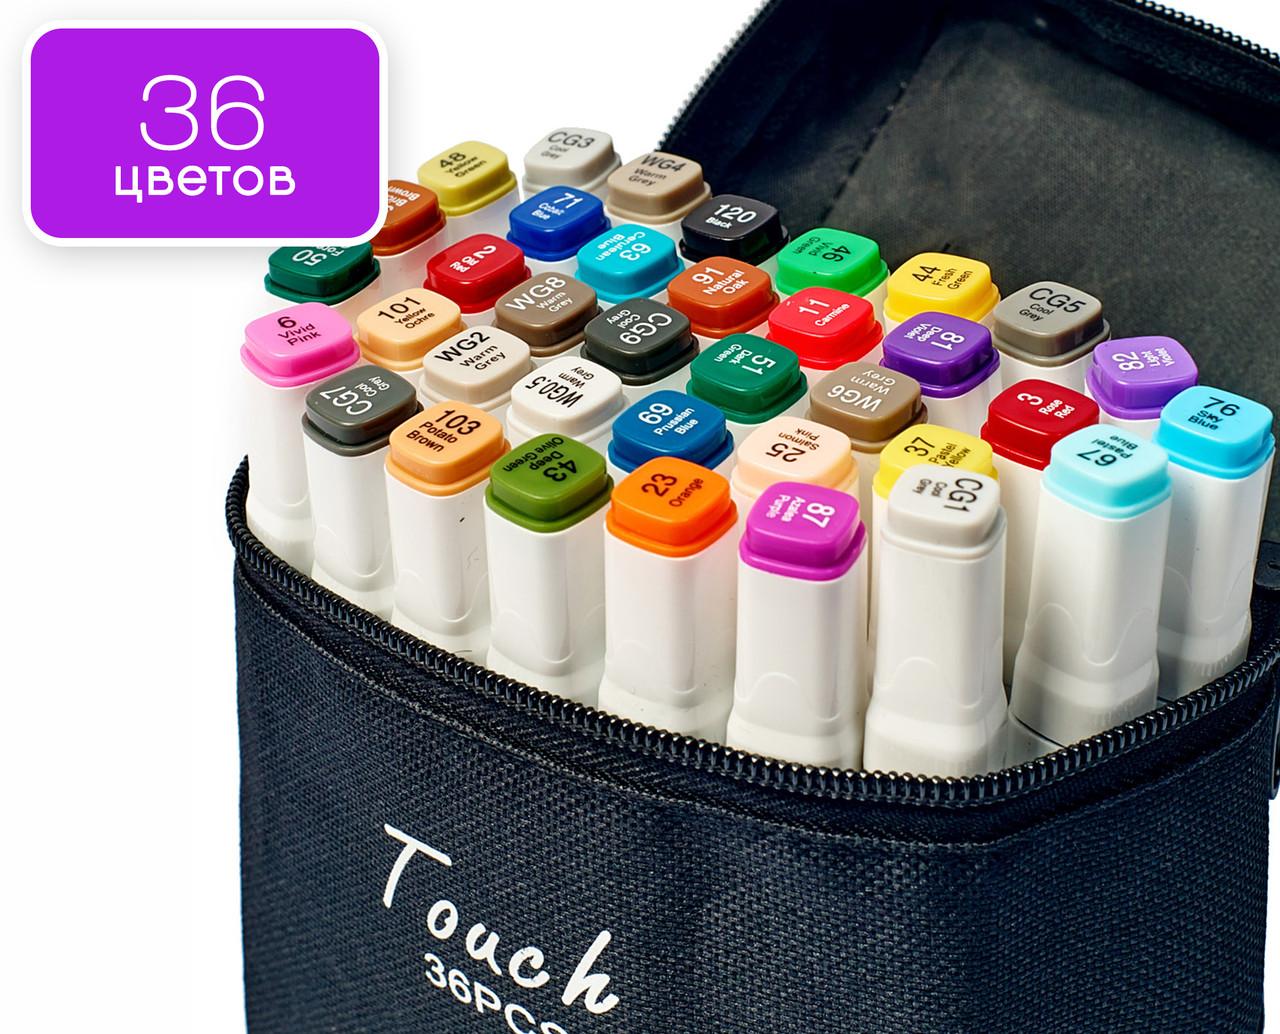 Двосторонні маркери для малювання Touch Sketch 36 шт для ескізів і скетчів, Фломастери для малювання